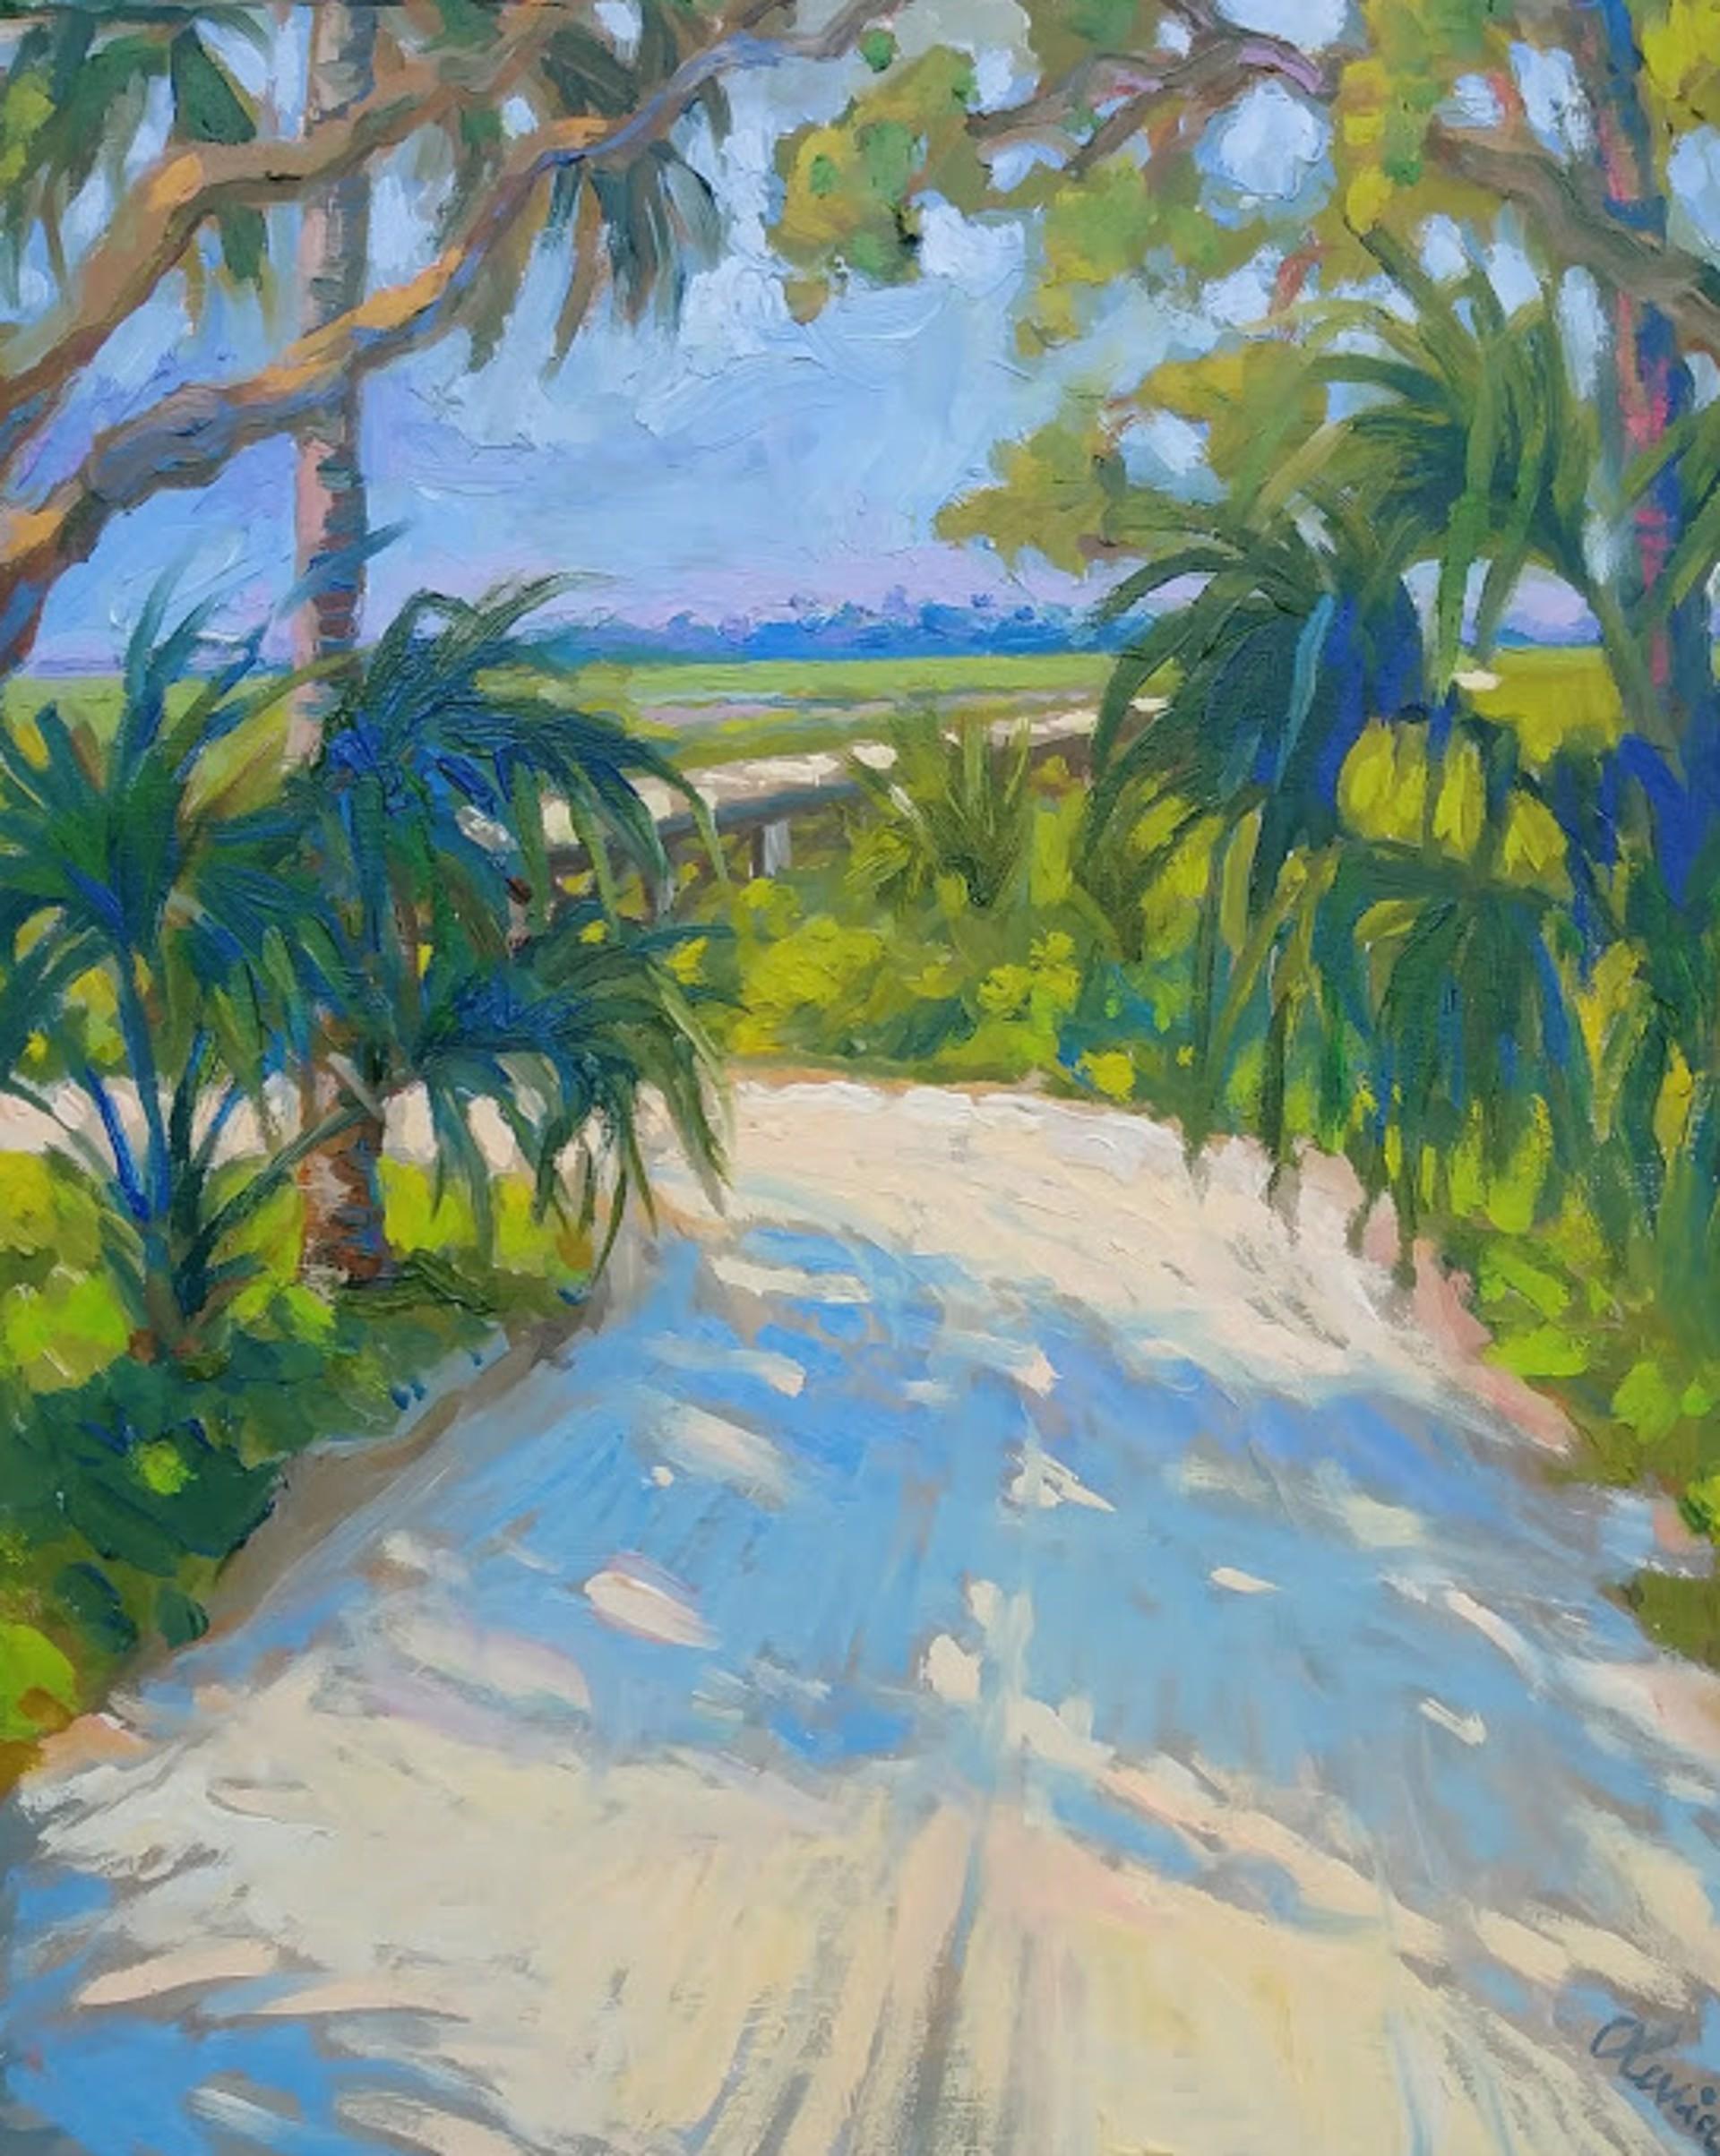 Paradise Road by Olessia Maximenko